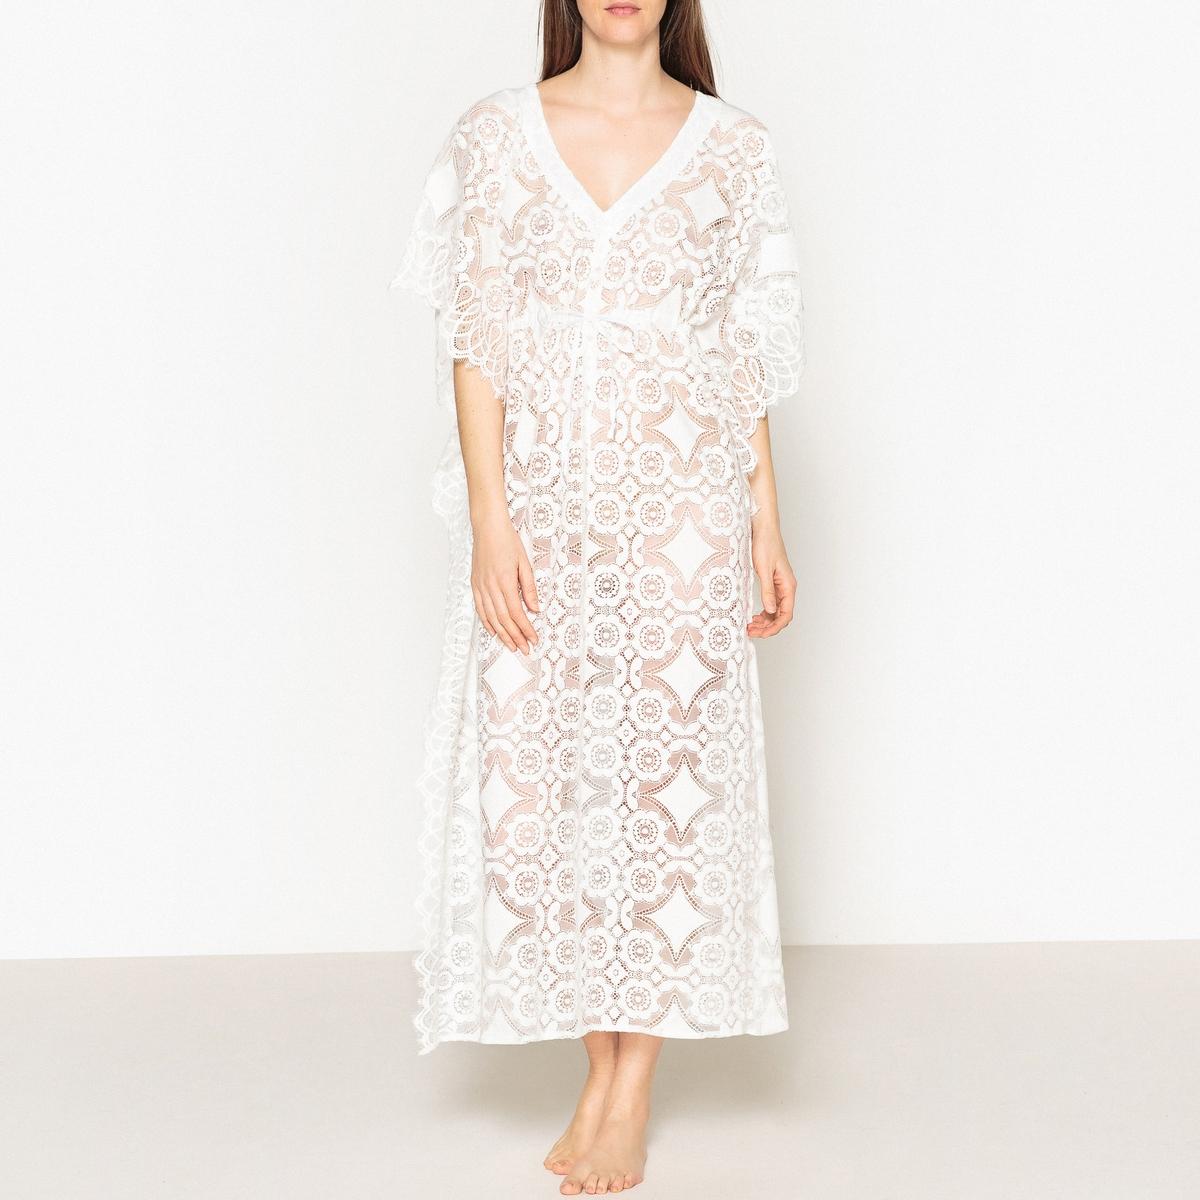 Платье длинное из кружева GOSPELОписание:Длинное платье из кружева VALERIE KHALFON - модель GOSPEL. V-образный вырез, пояс с завязками. Квадратный покрой, рукава летучая мышь. Полностью из кружева, оригинальные швы по бокам.Детали •  Форма : расклешенная •  Длина ниже колен •  Рукава 3/4    •   V-образный вырезСостав и уход •  72% хлопка, 28% полиамида   •  Следуйте рекомендациям по уходу, указанным на этикетке изделия •  Длина ок. 133 см. для размера 36<br><br>Цвет: белый